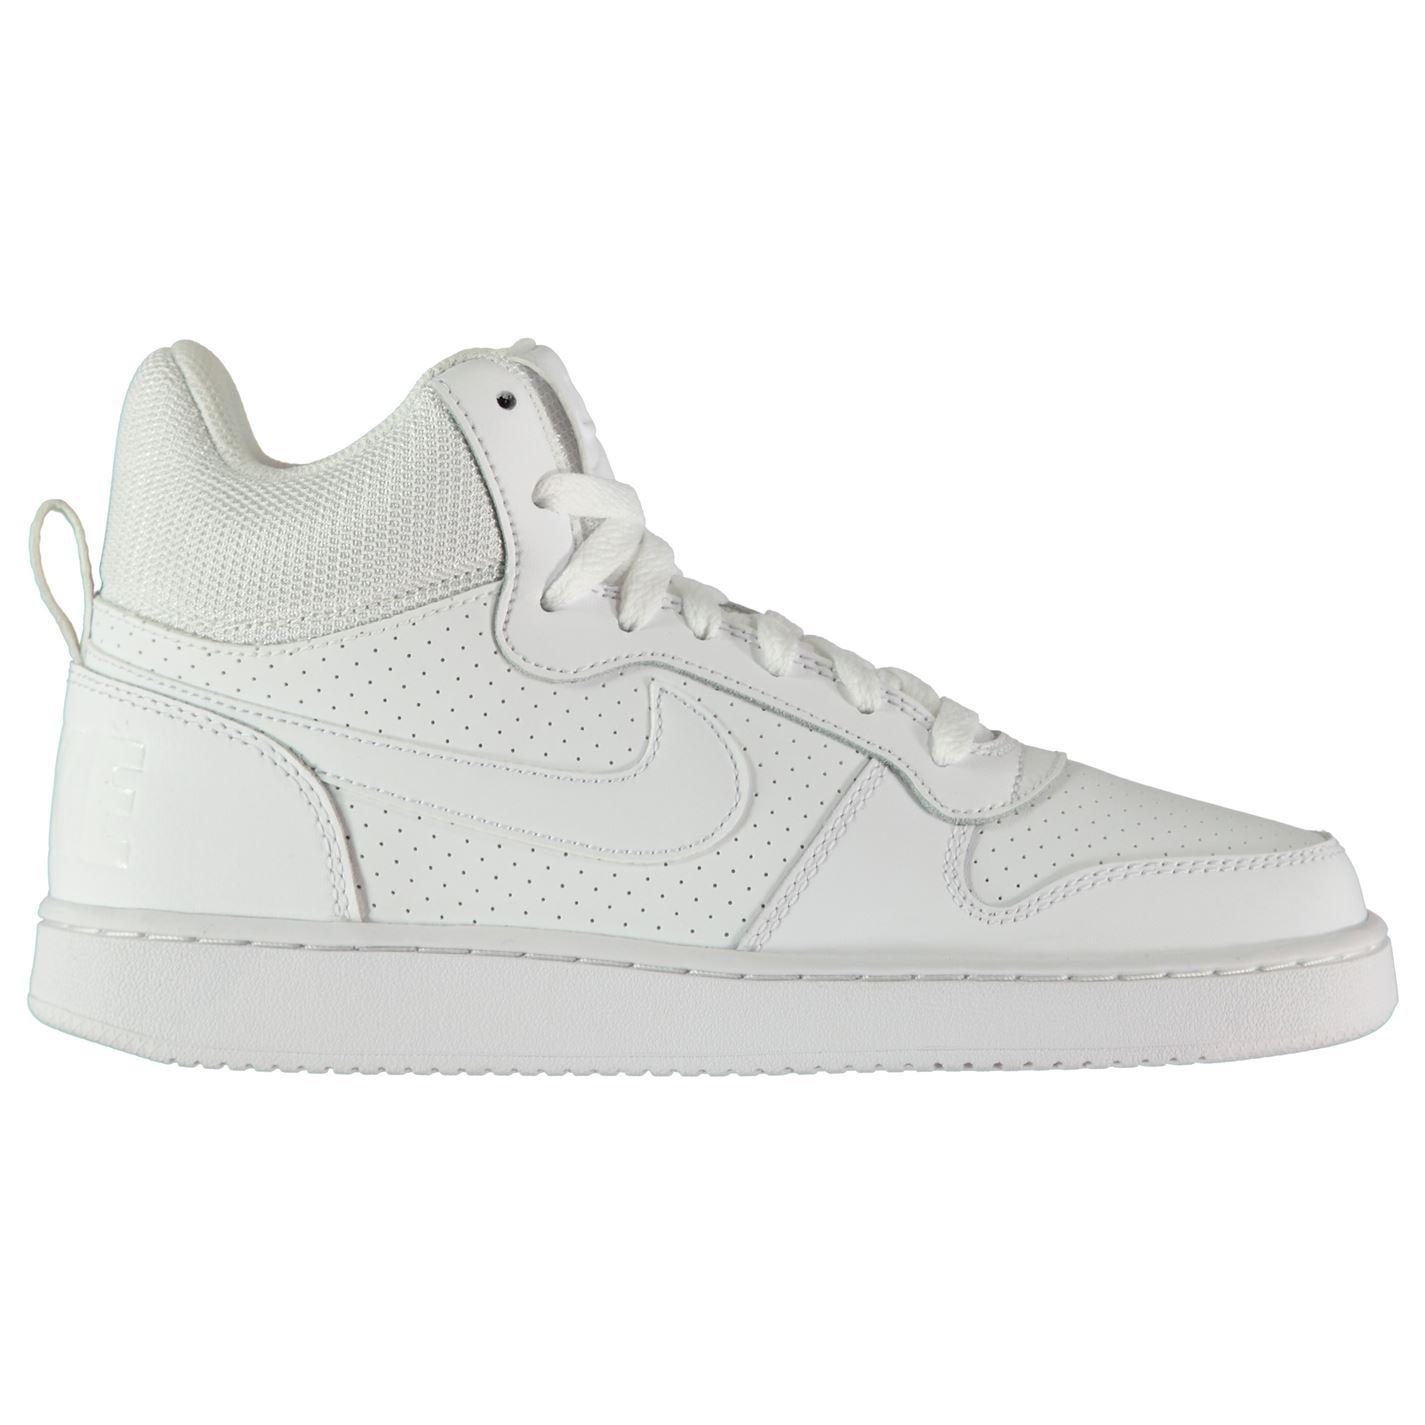 mujer deporte Borough para altas Mid de White Nike deportivas Court Zapatillas blancas Zapatillas qI4UOwxn